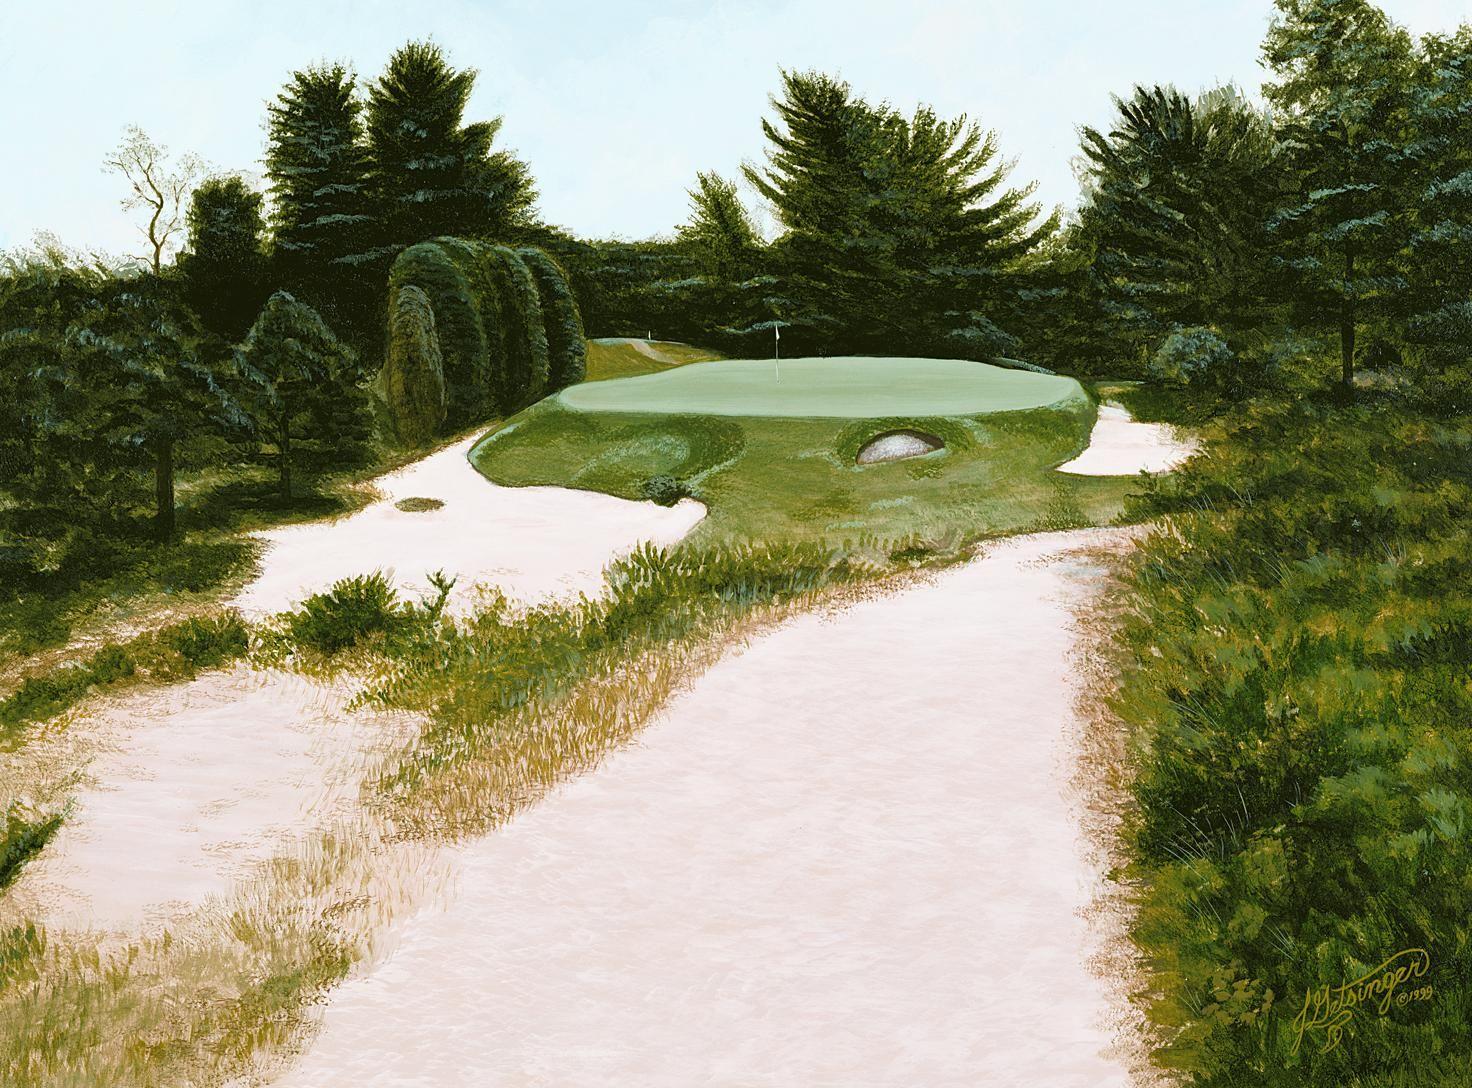 Pin by J Getsinger Art Studio on GOLF - Pine Valley | Pine ...